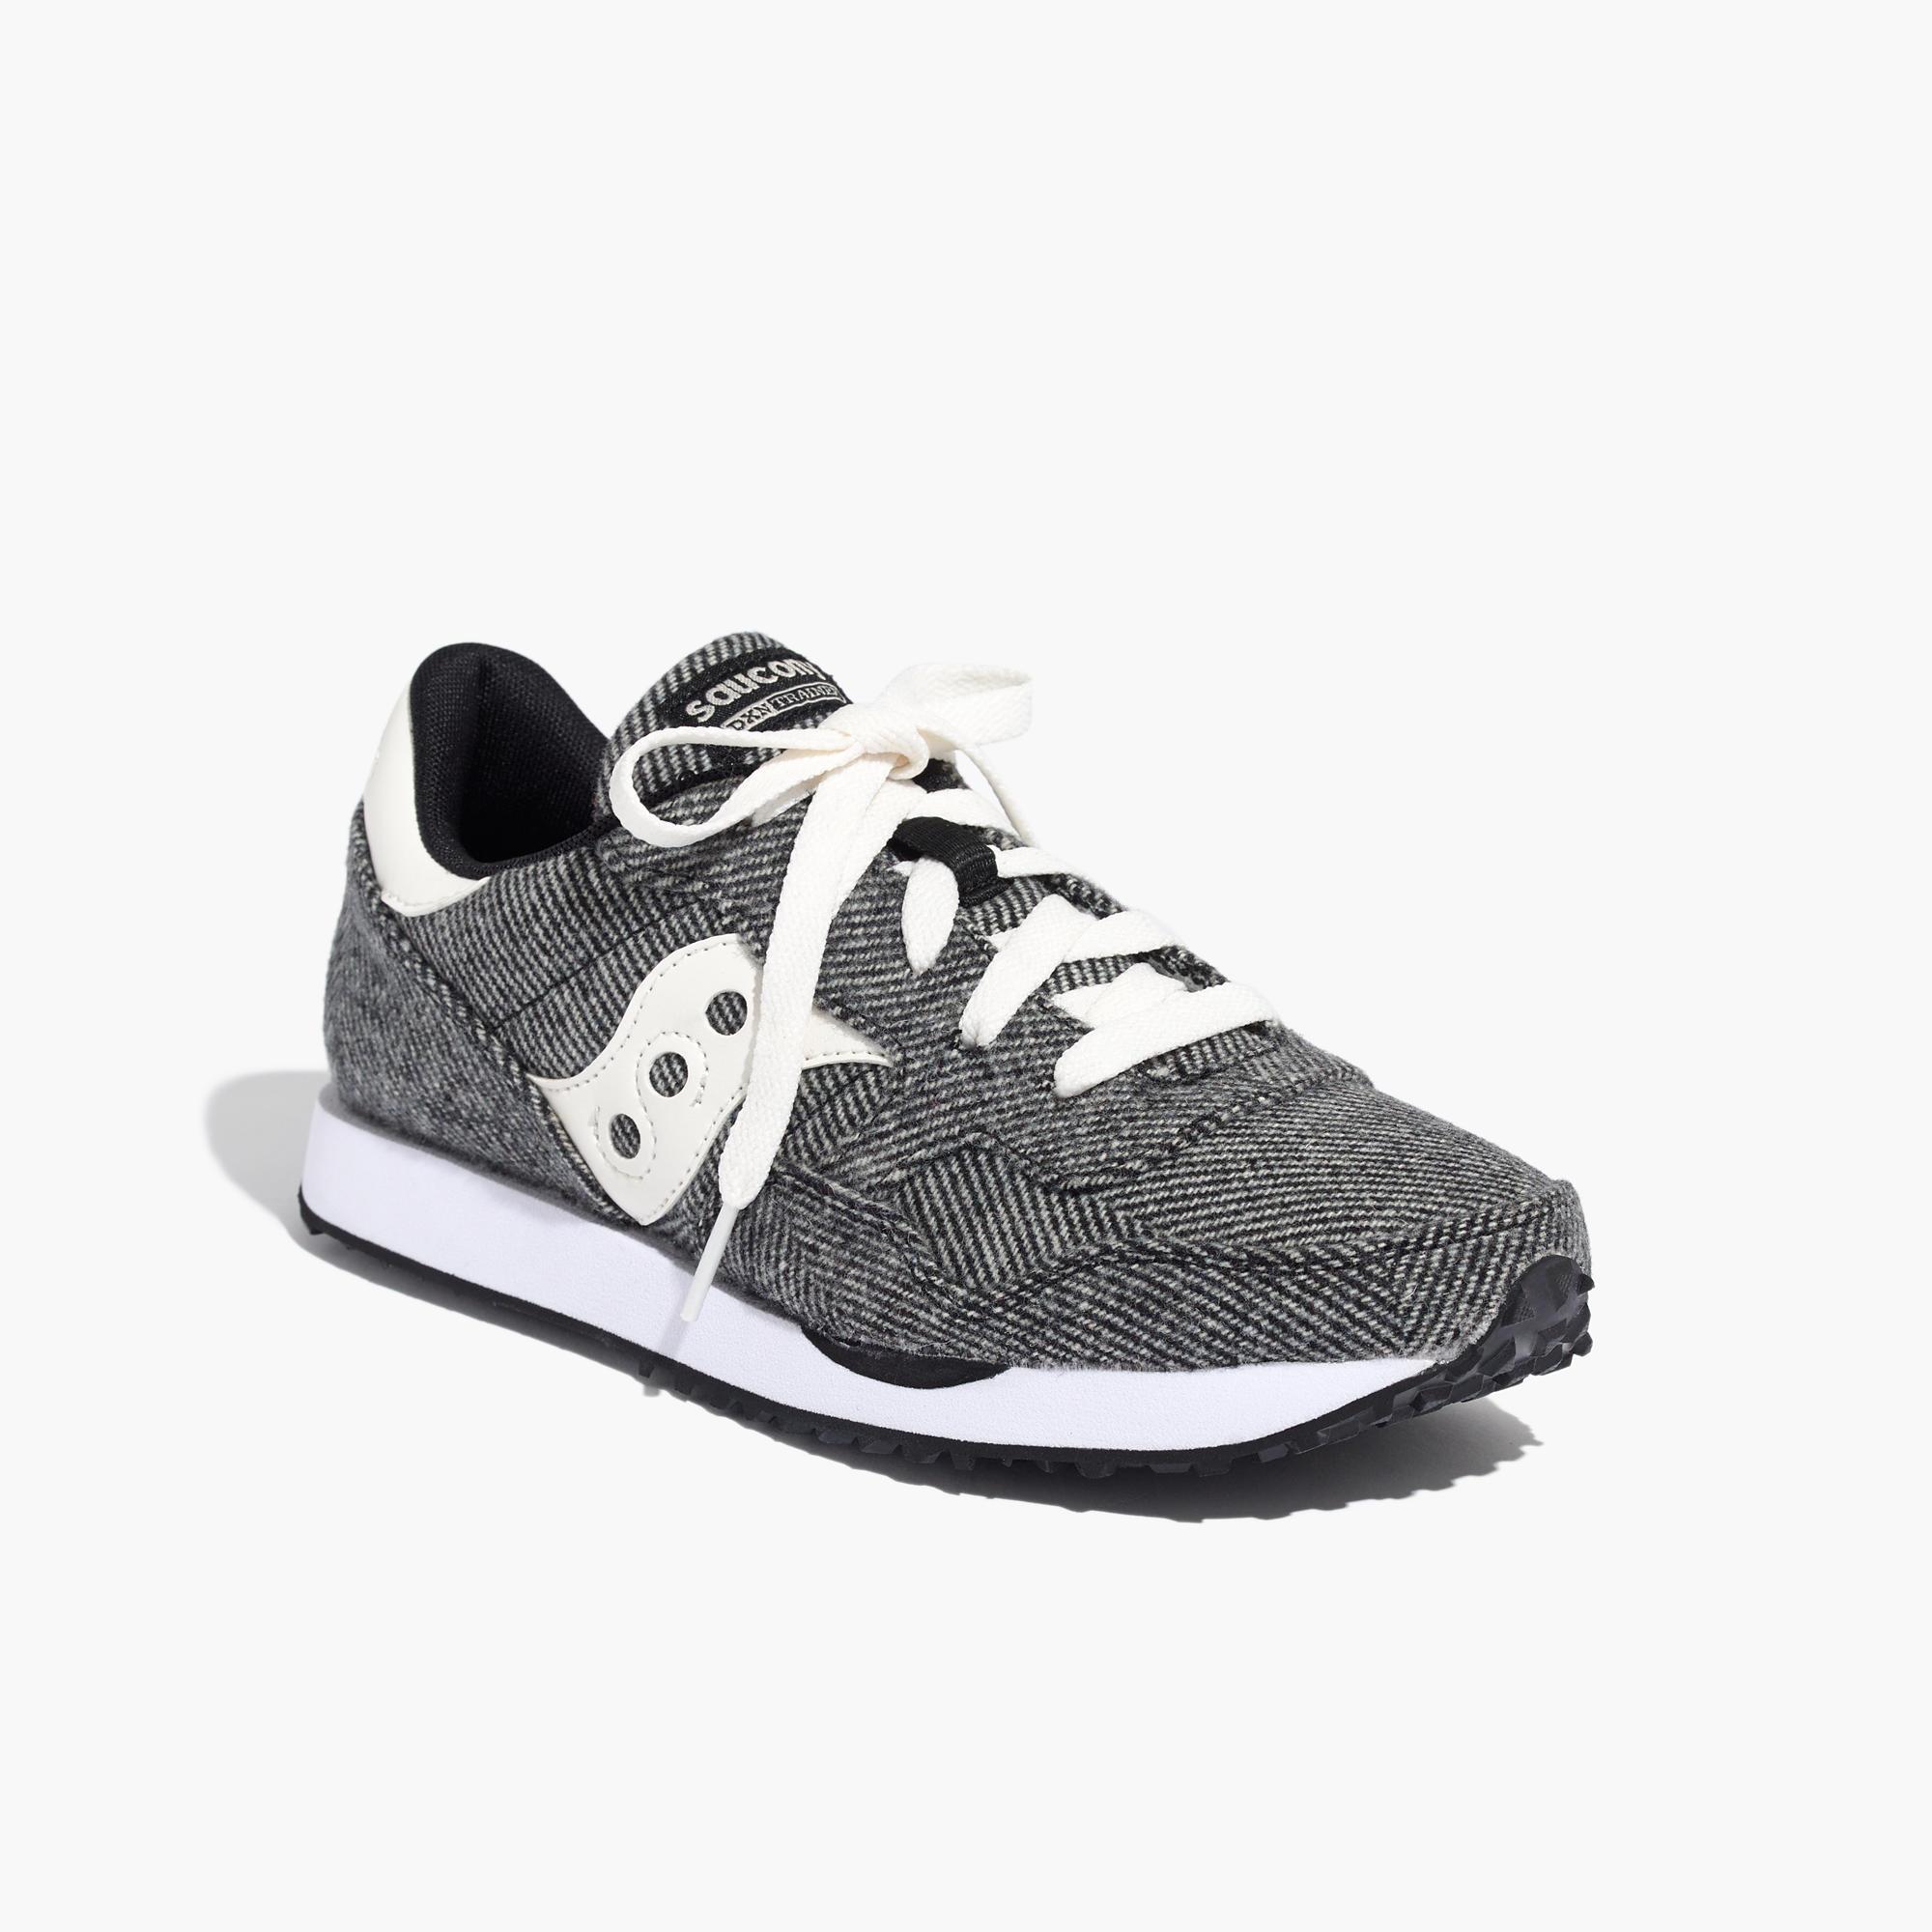 Chaussures De Sport Saucony De Dxn uh9Qz